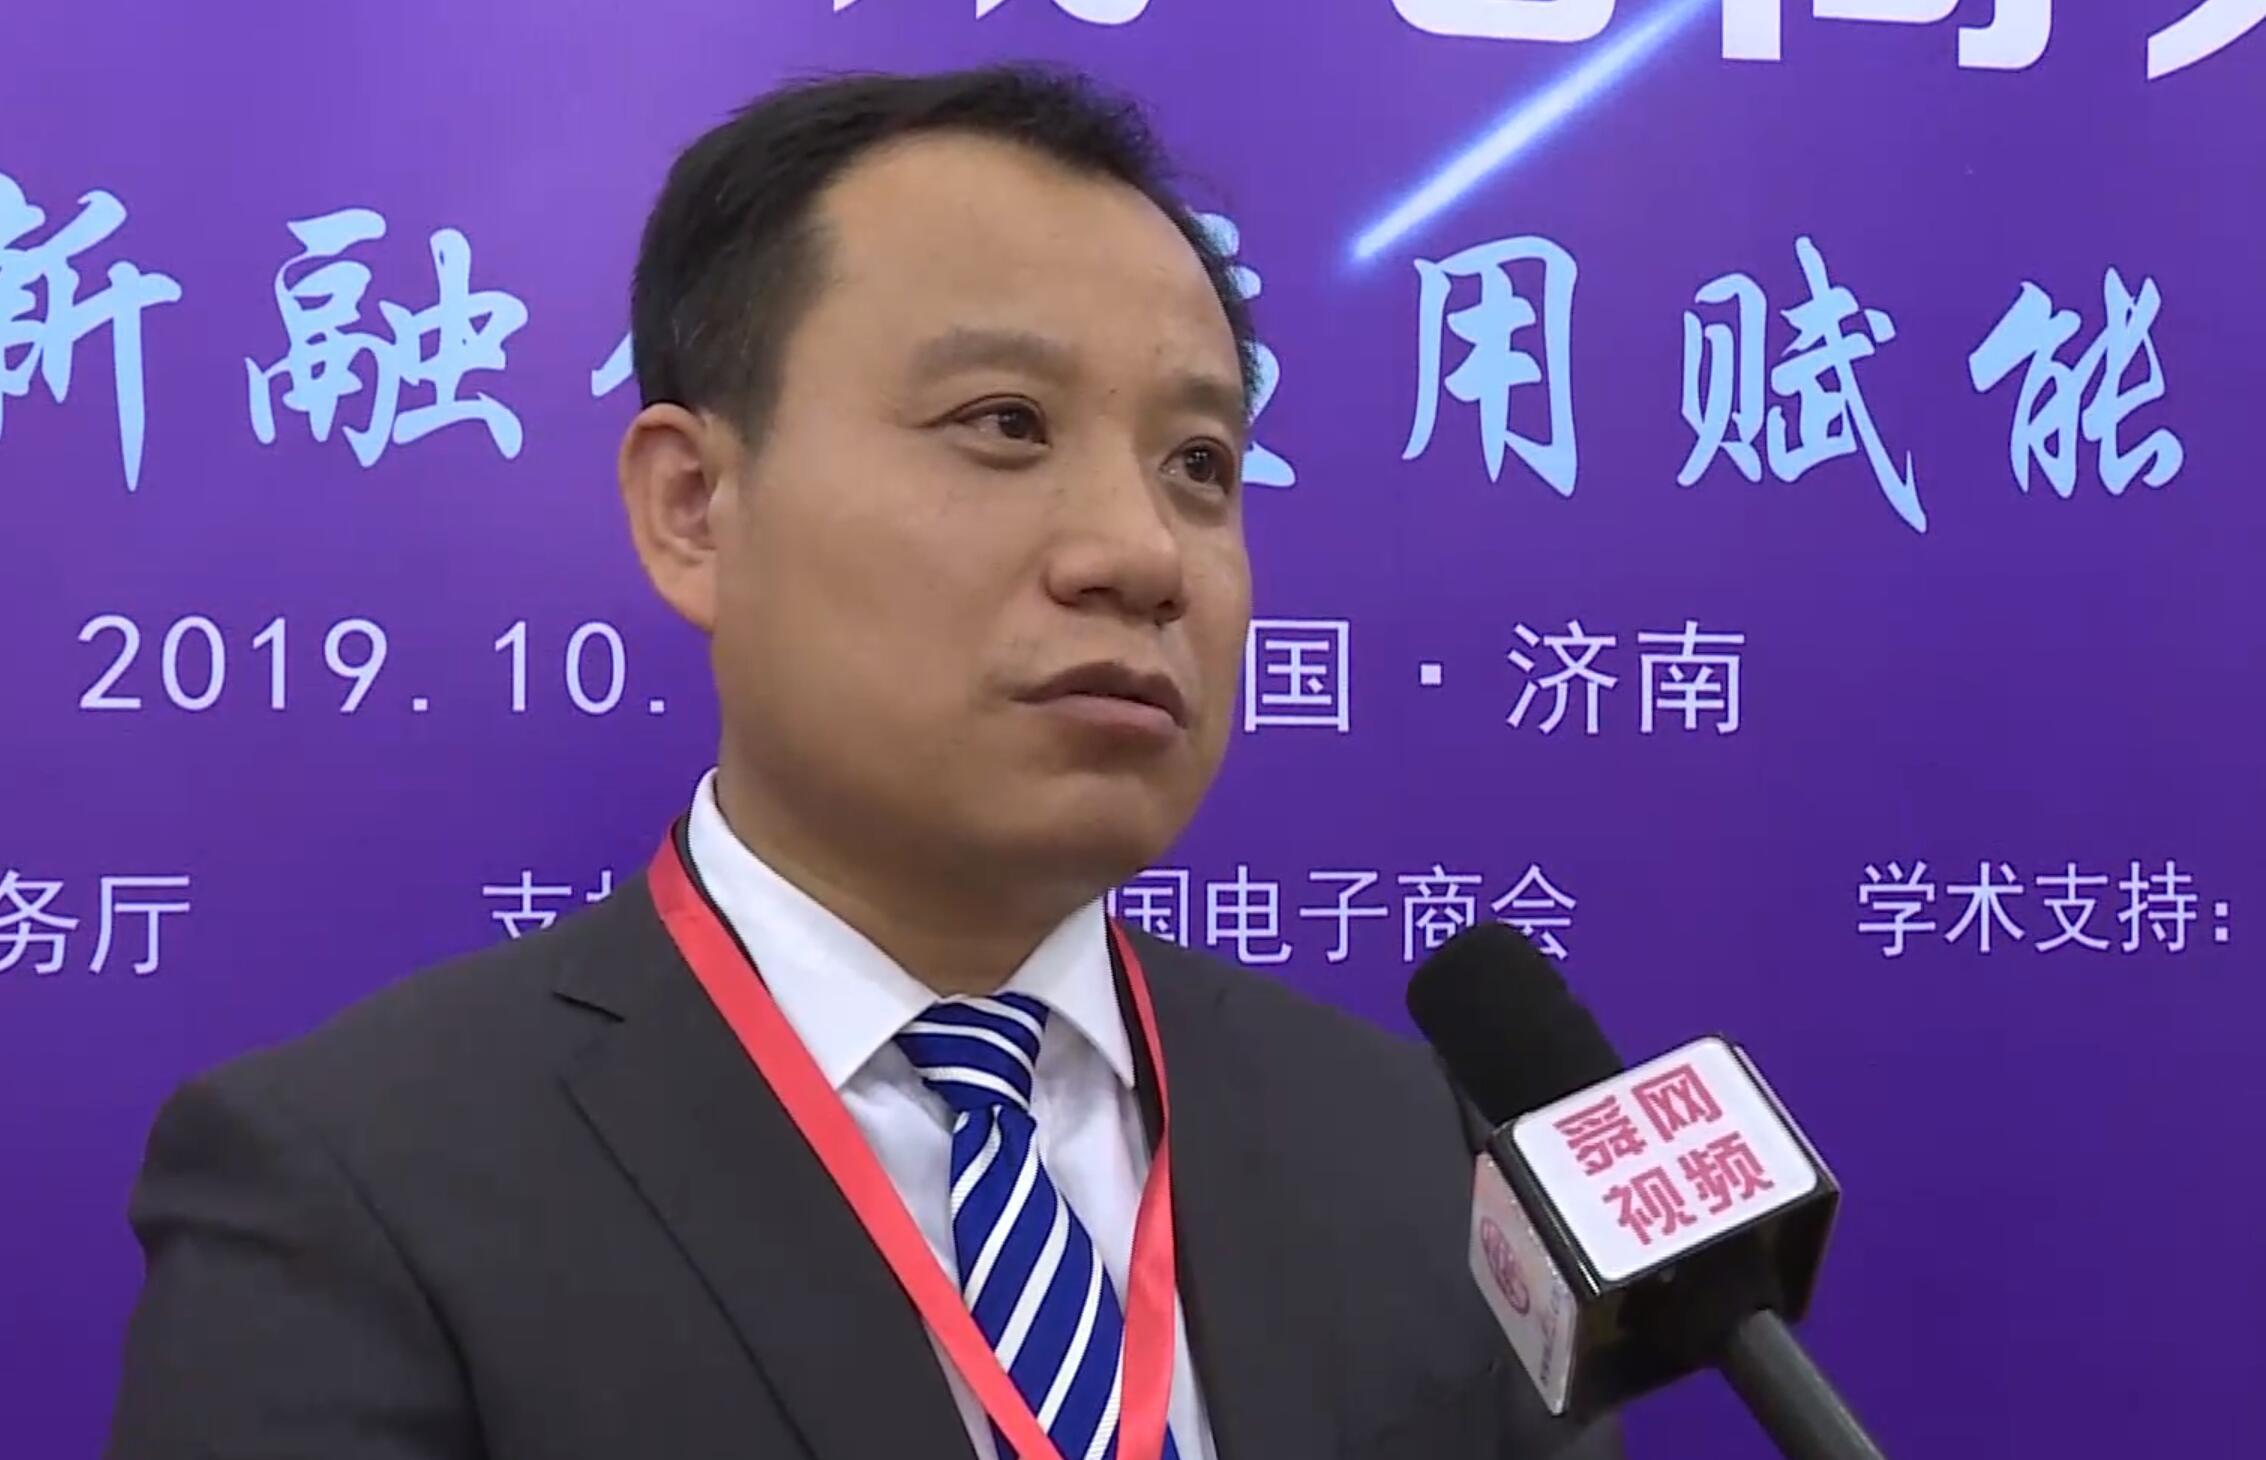 王晓辉:电子商务转型要由价格竞争转向产品竞争